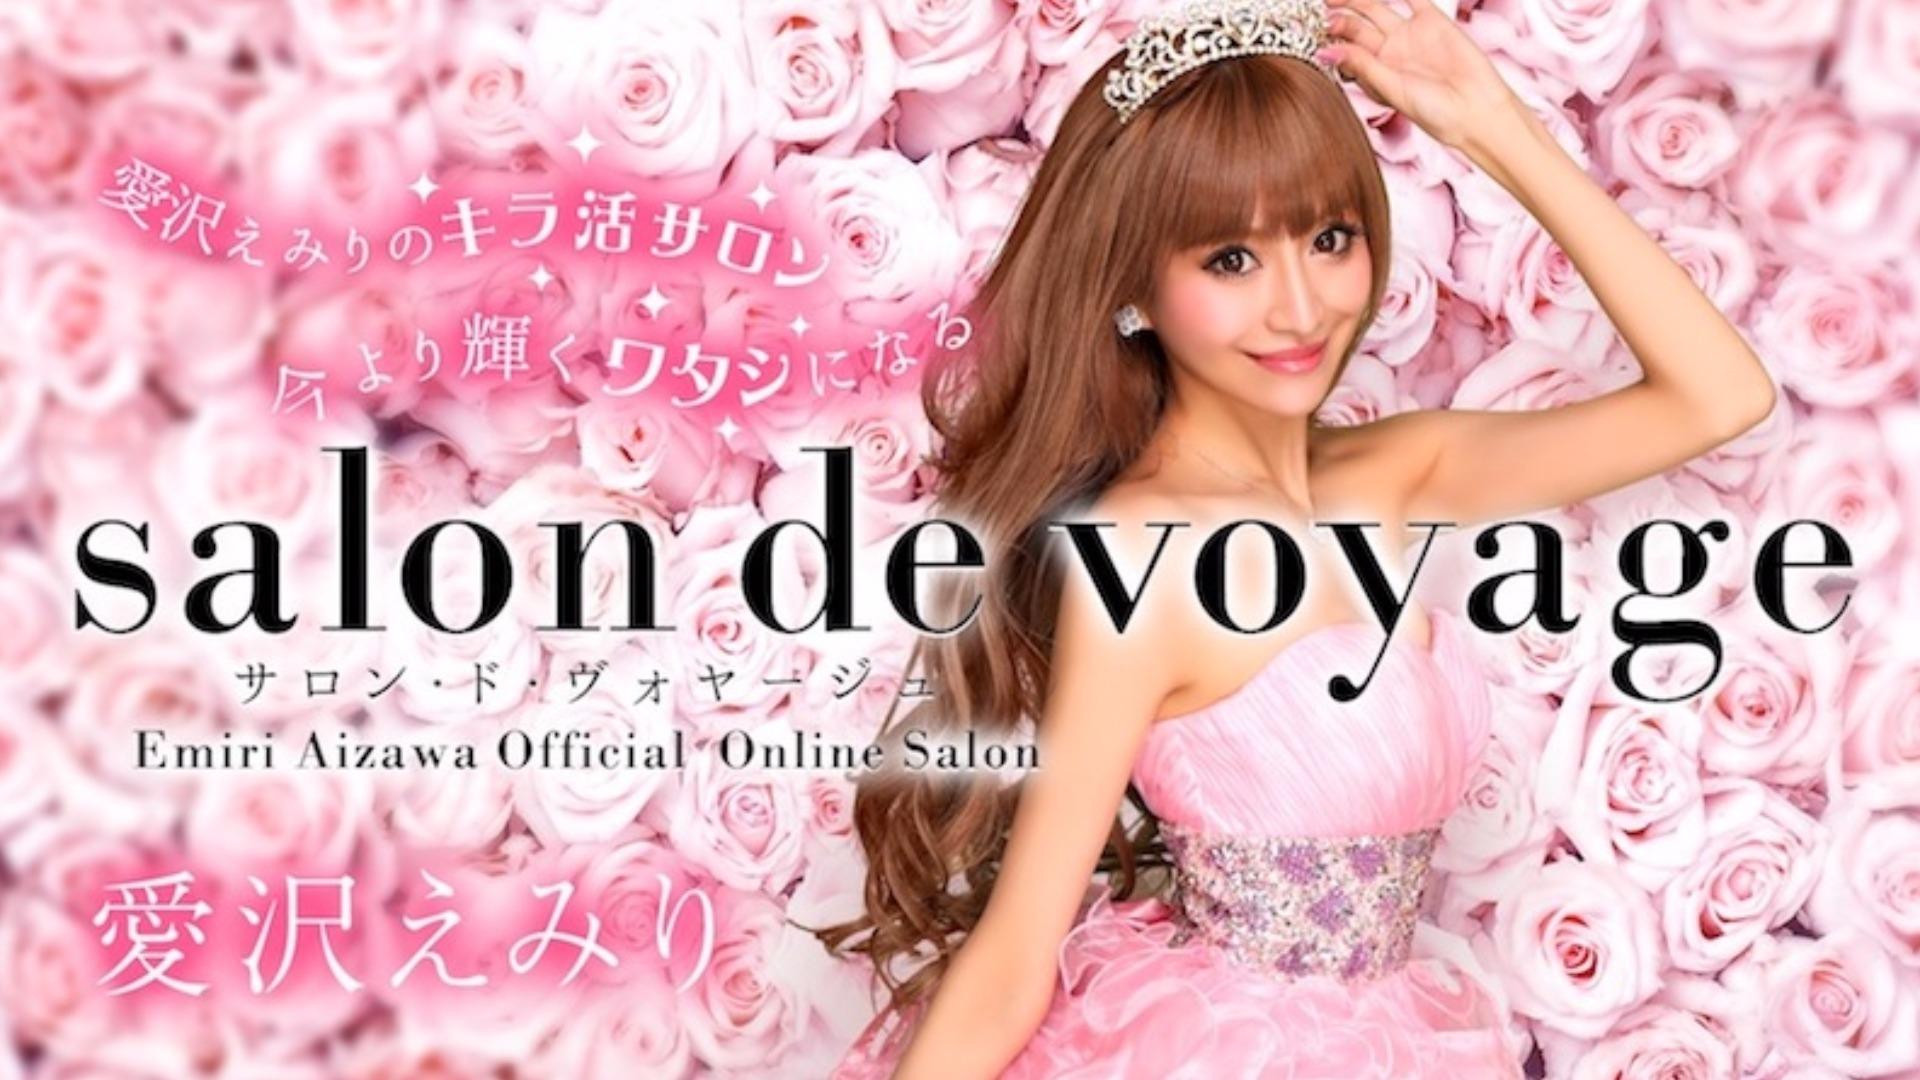 愛沢えみり - salon de voyage キャバ嬢社長の起業術 - DMM オンラインサロン